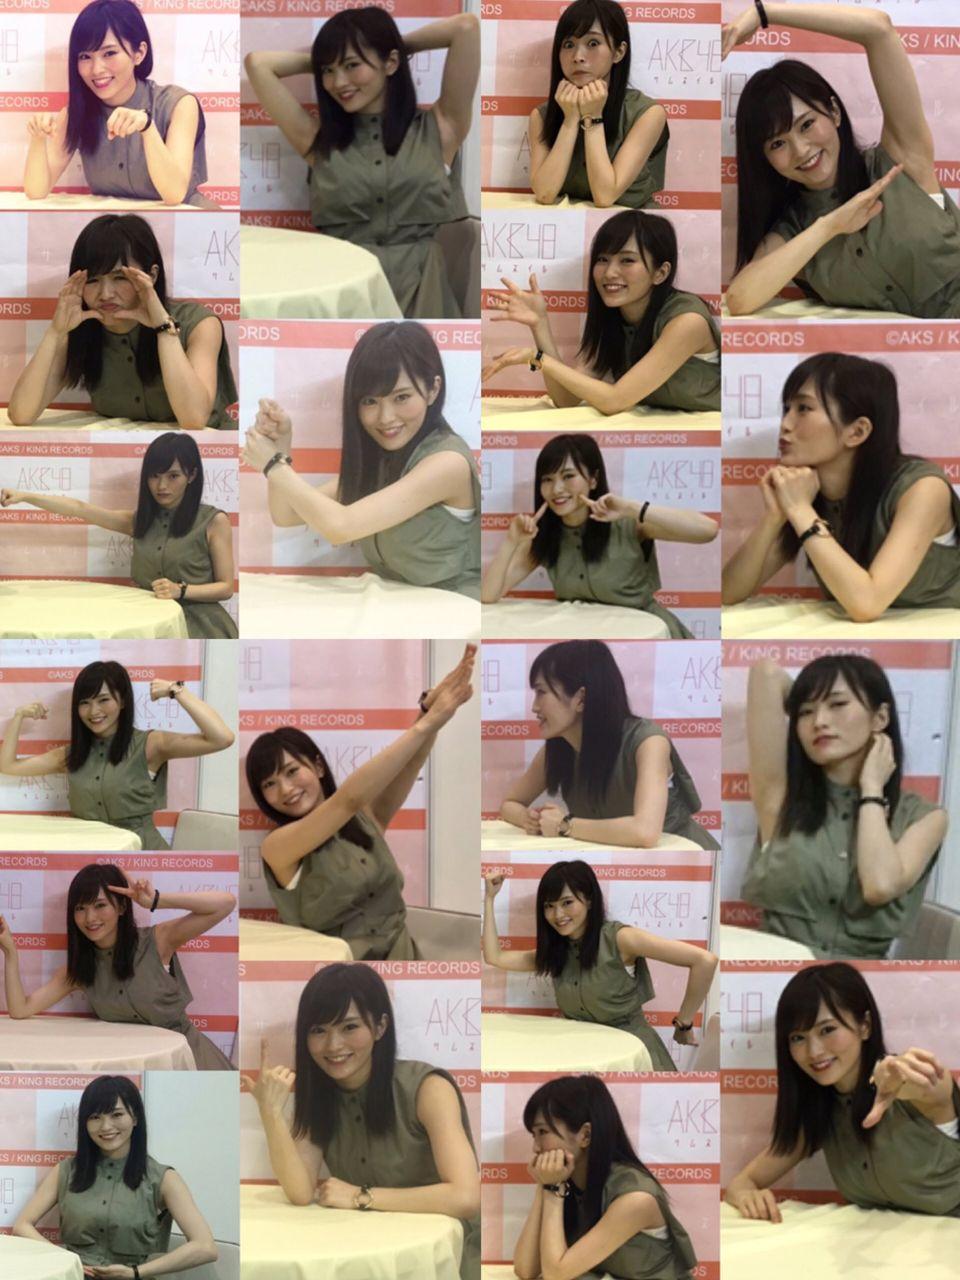 【定期】山本彩レーン今日も別次元だった模様【AKB48写メ会】